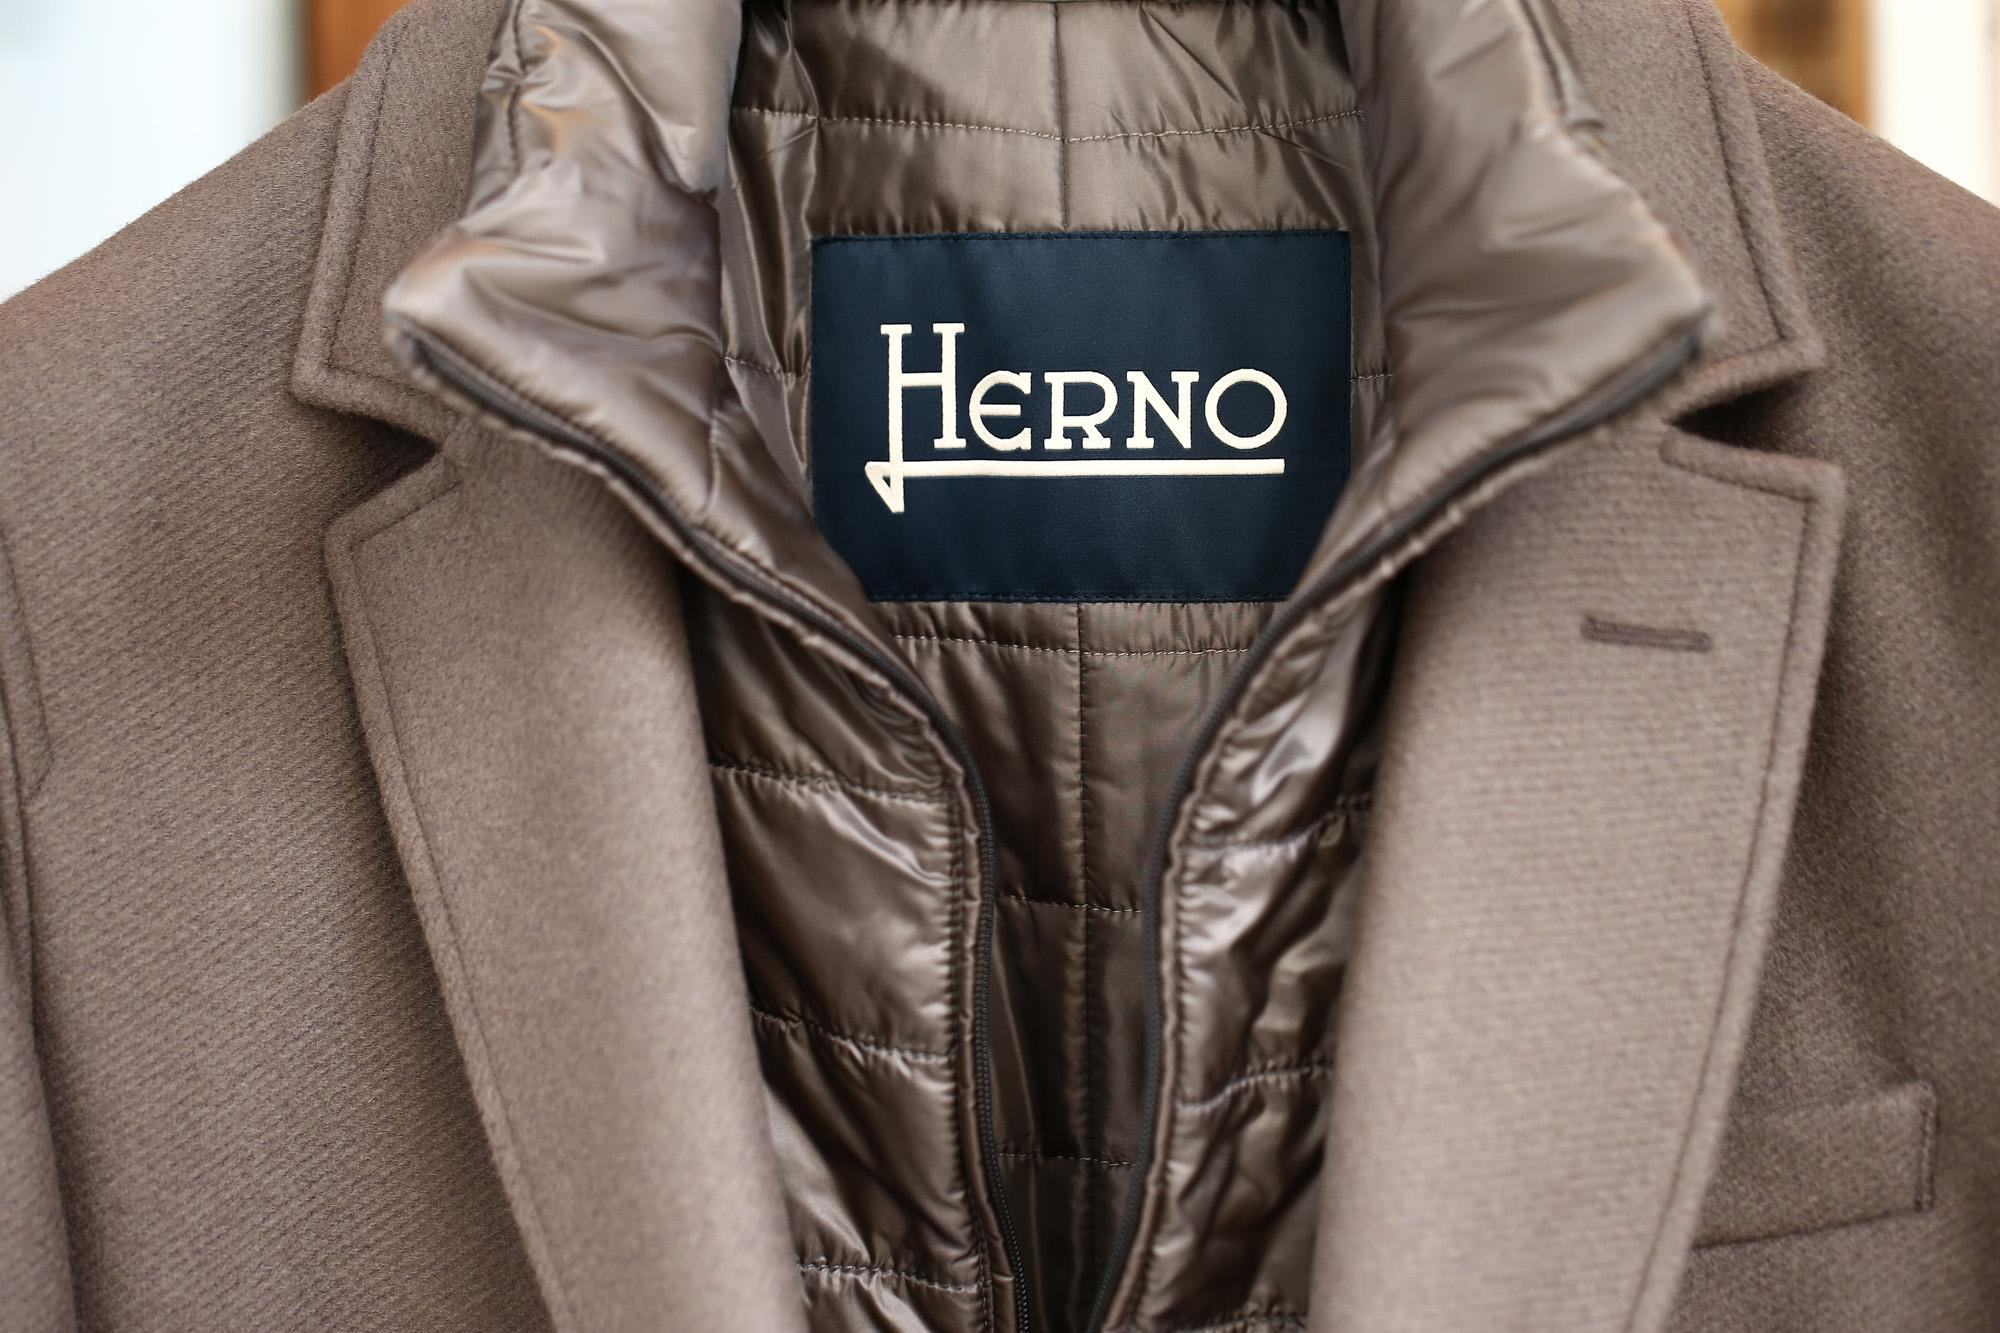 HERNO(ヘルノ) CA0045U Chester coat チェスターコート LANA DIAGONALE NYLON ULTRALIGHT 中綿入り ウールチェスターコート LIGHT BROWN (ライトブラウン・2700) Made in italy (イタリア製) 2017 秋冬新作 愛知 名古屋 ZODIAC ゾディアック herno ヘルノ ダウンコート ビジネススタイル